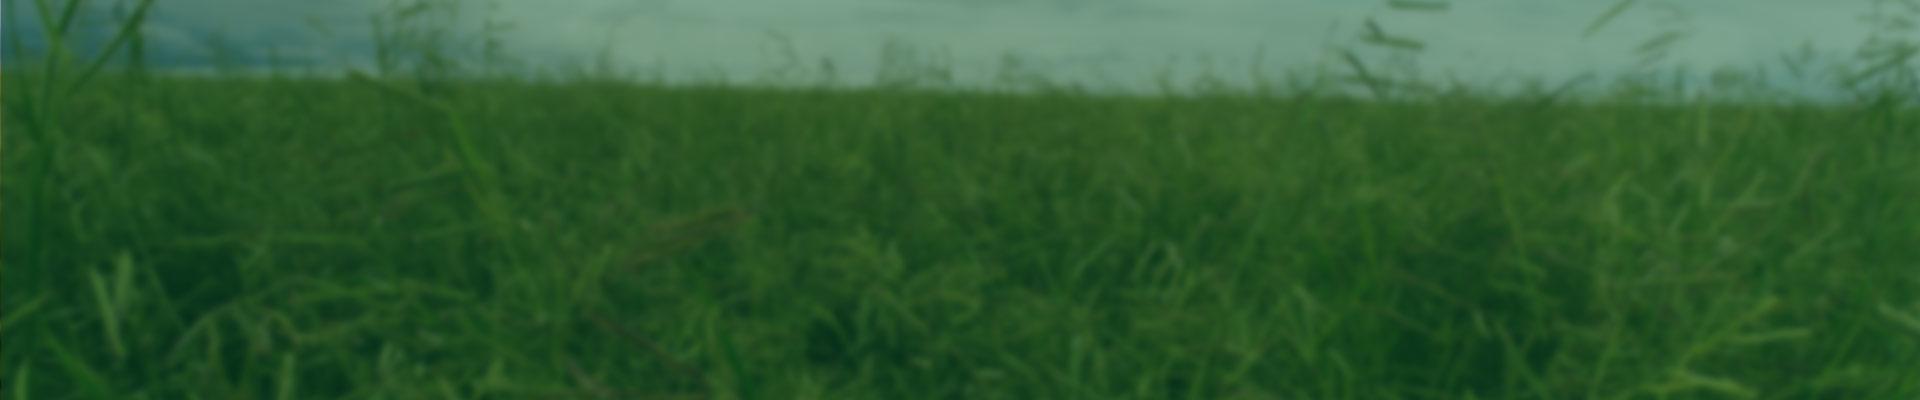 Um dos mais populares capins do Brasil, a forrageira Brachiaria é cultivada em aproximadamente 70 milhões de hectares no país. Apresentando tolerância média à seca e ao frio, o capim Brachiaria floresce bem em solos sem umidade, é resistente à cigarrinha, possui bom valor forrageiro e elevada produção de massa verde.